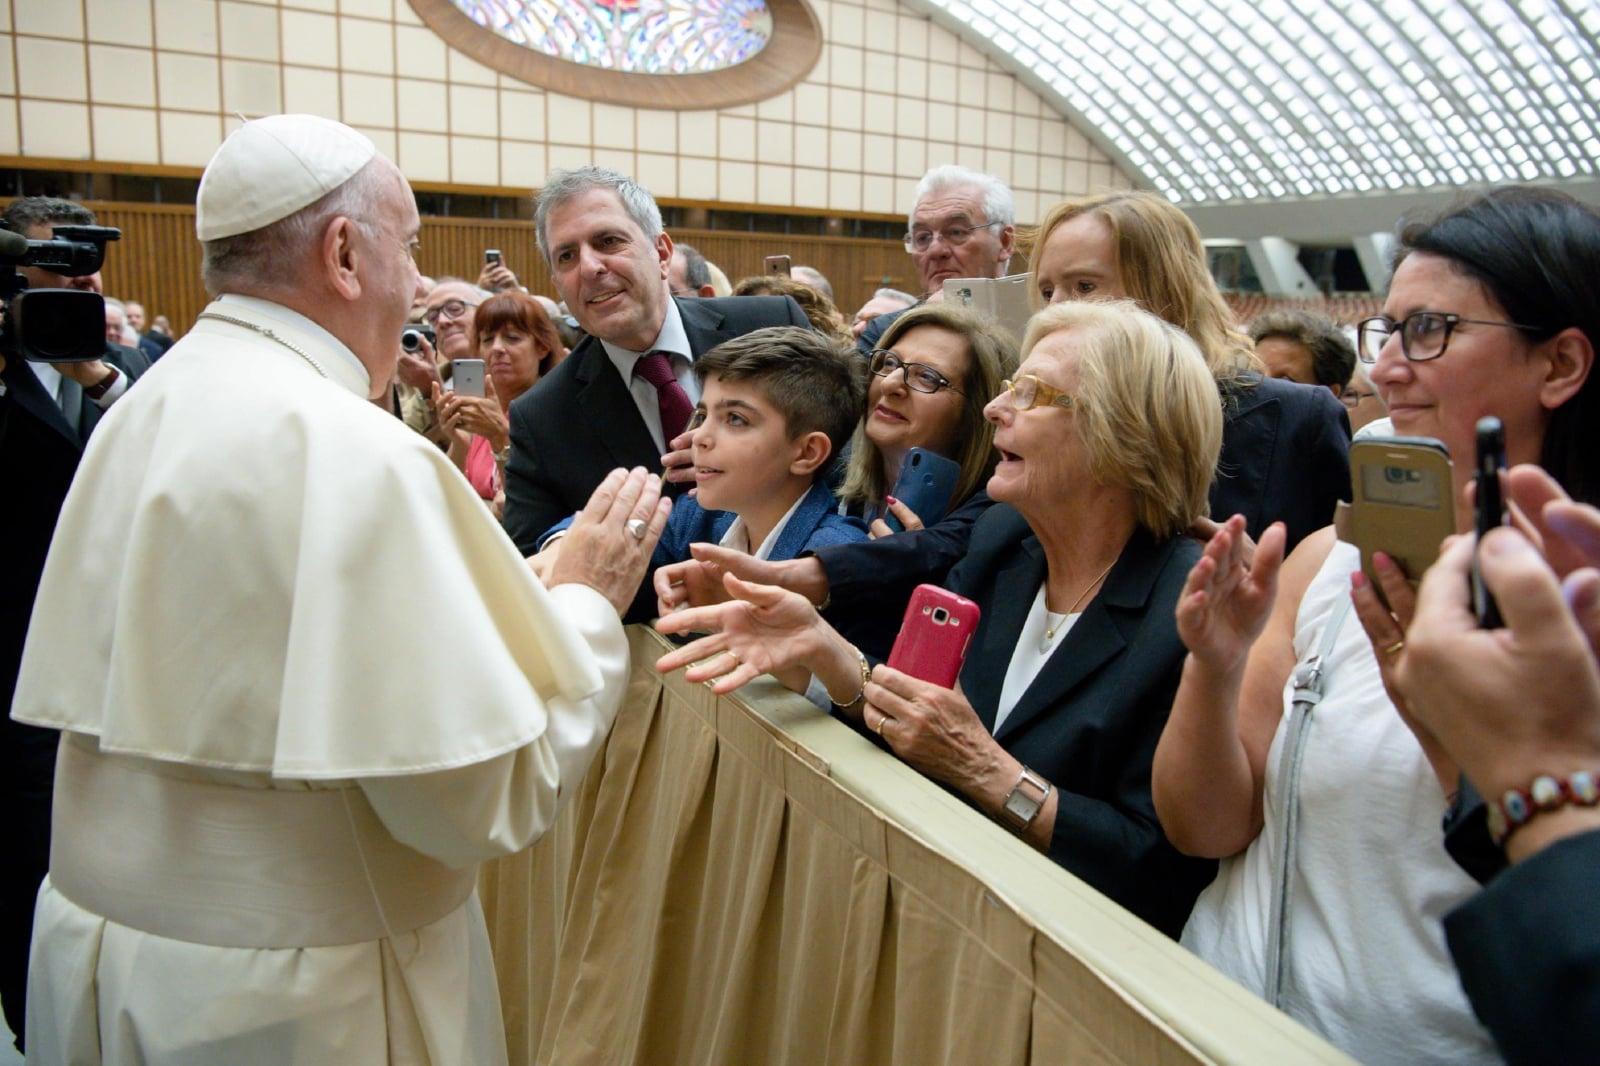 Papież na spotkaniu z Włoską Federacją Pracy fot. EPA/VATICAN MEDIA HANDOUT  HANDOUT EDITORIAL USE ONLY/NO SALES Dostawca: PAP/EPA.